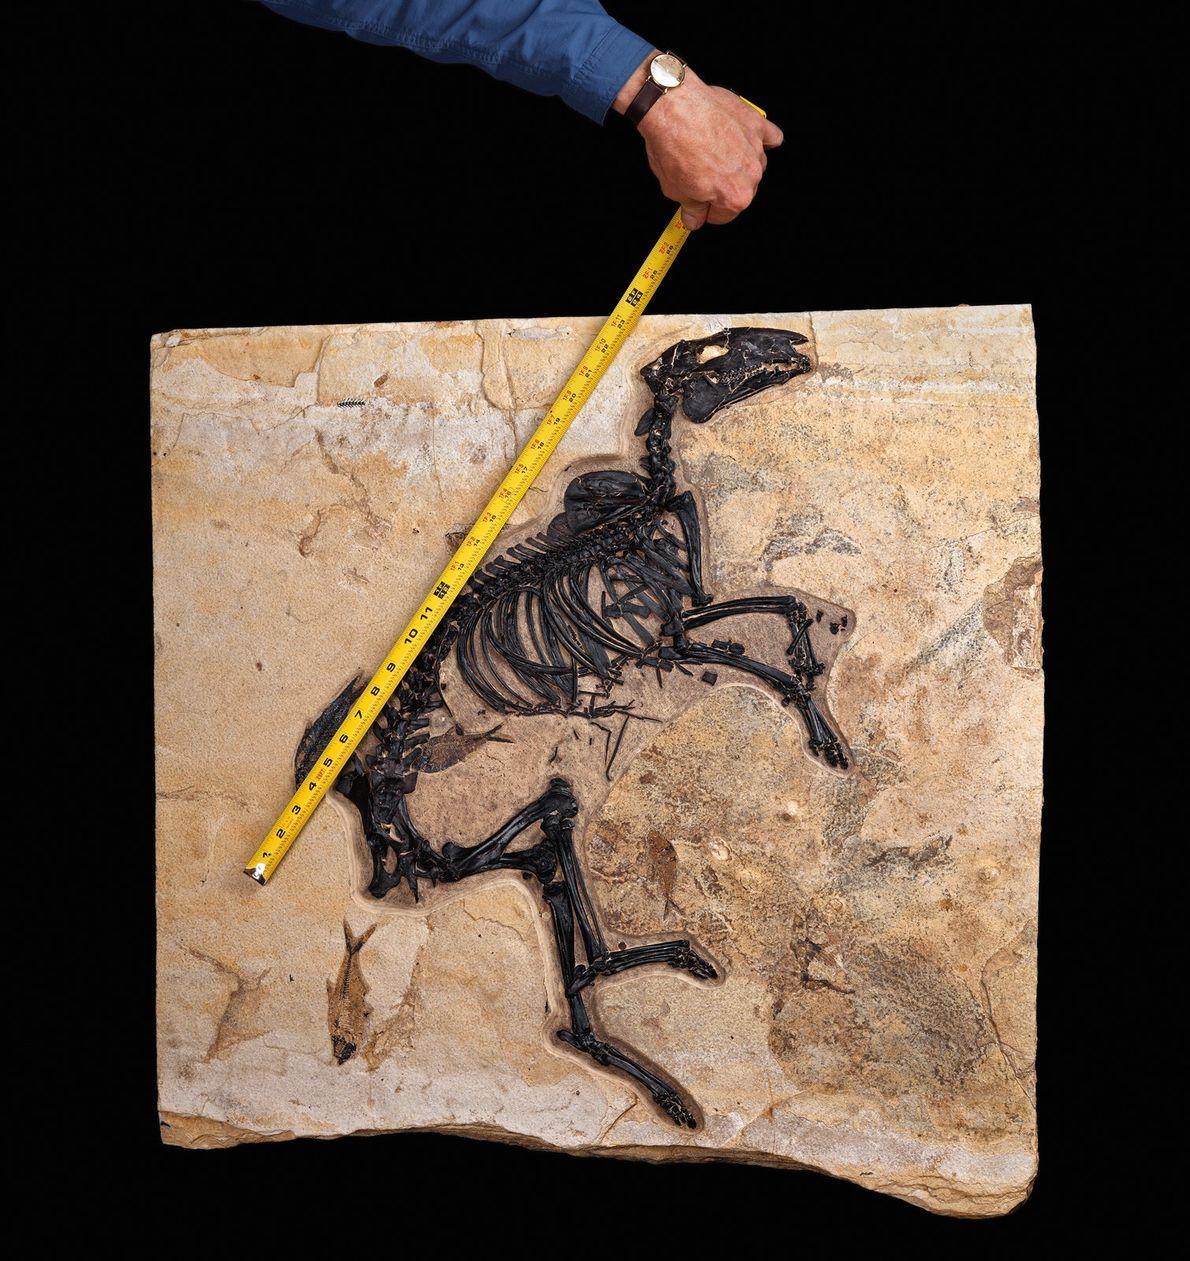 Pendant le PETM, certains mammifères se sont adaptés en rétrécissant temporairement. Les chevaux avaient des tibias ...